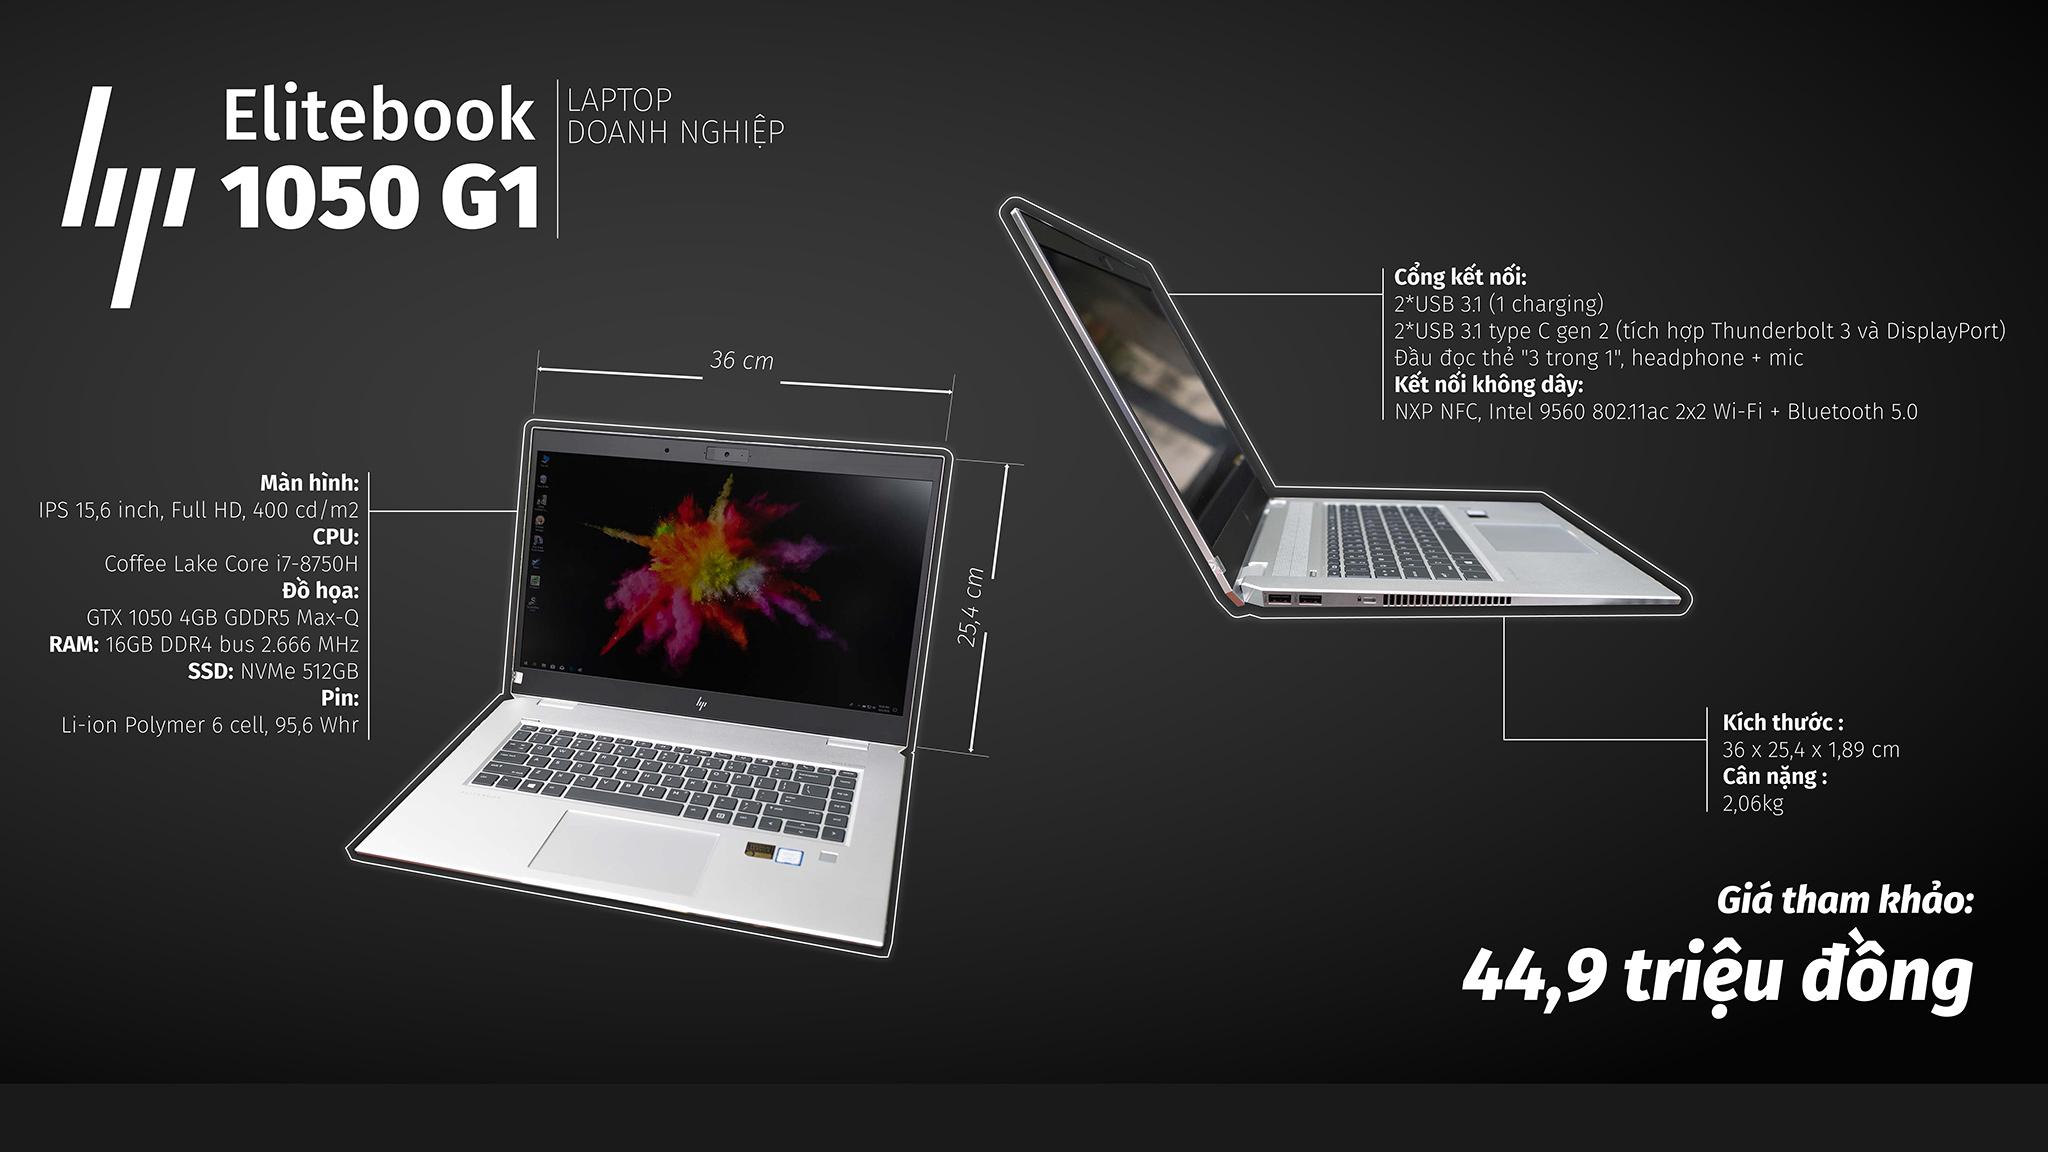 HP Elitebook 1050 G1 spec.jpg